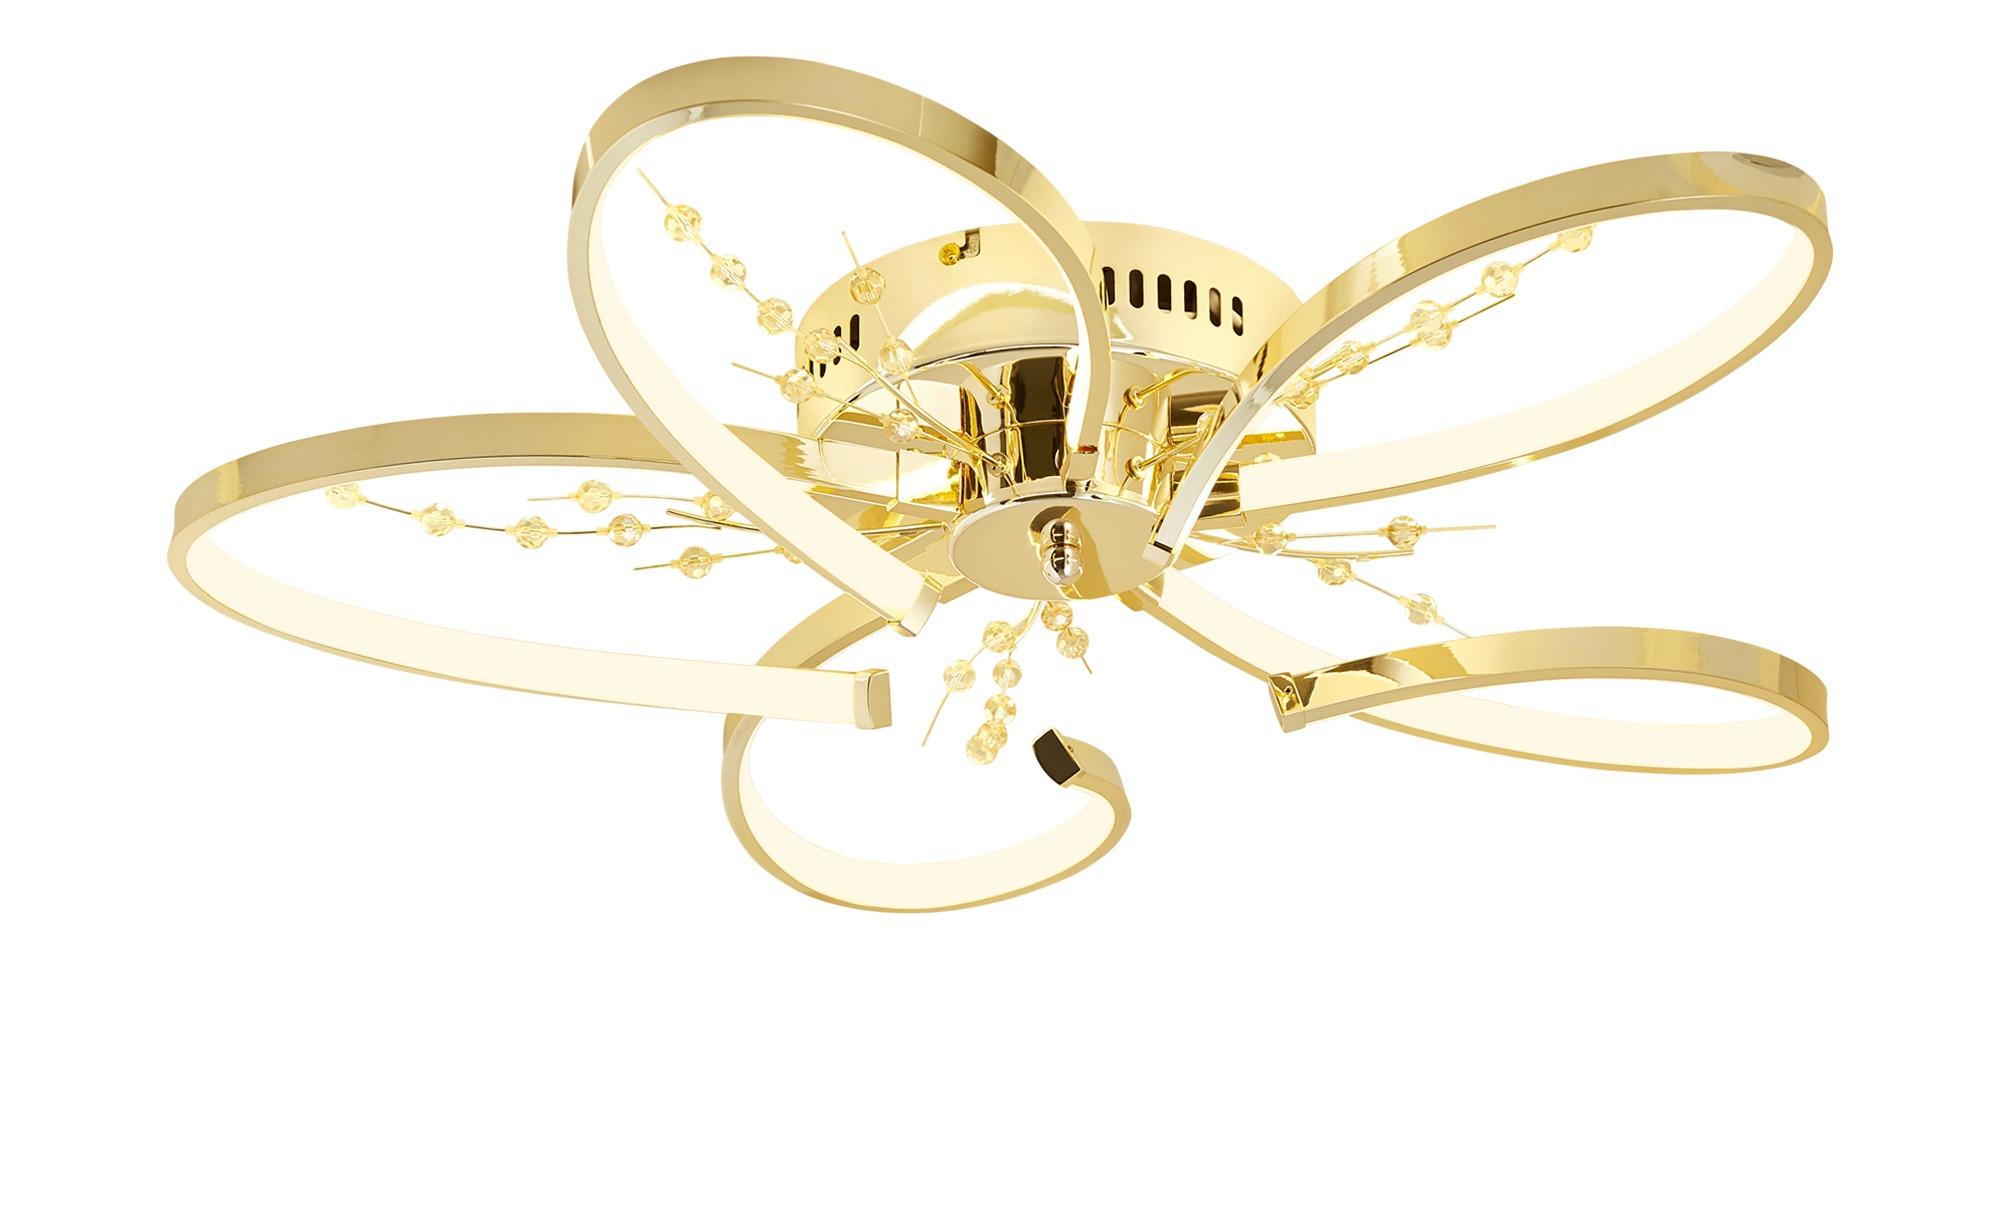 KHG LED-Deckenleuchte, 5-flammig, goldfarben ¦ gold ¦ Maße (cm): H: 12 Ø: [61.0] Lampen & Leuchten > Innenleuchten > Deckenleuchten - Höffner